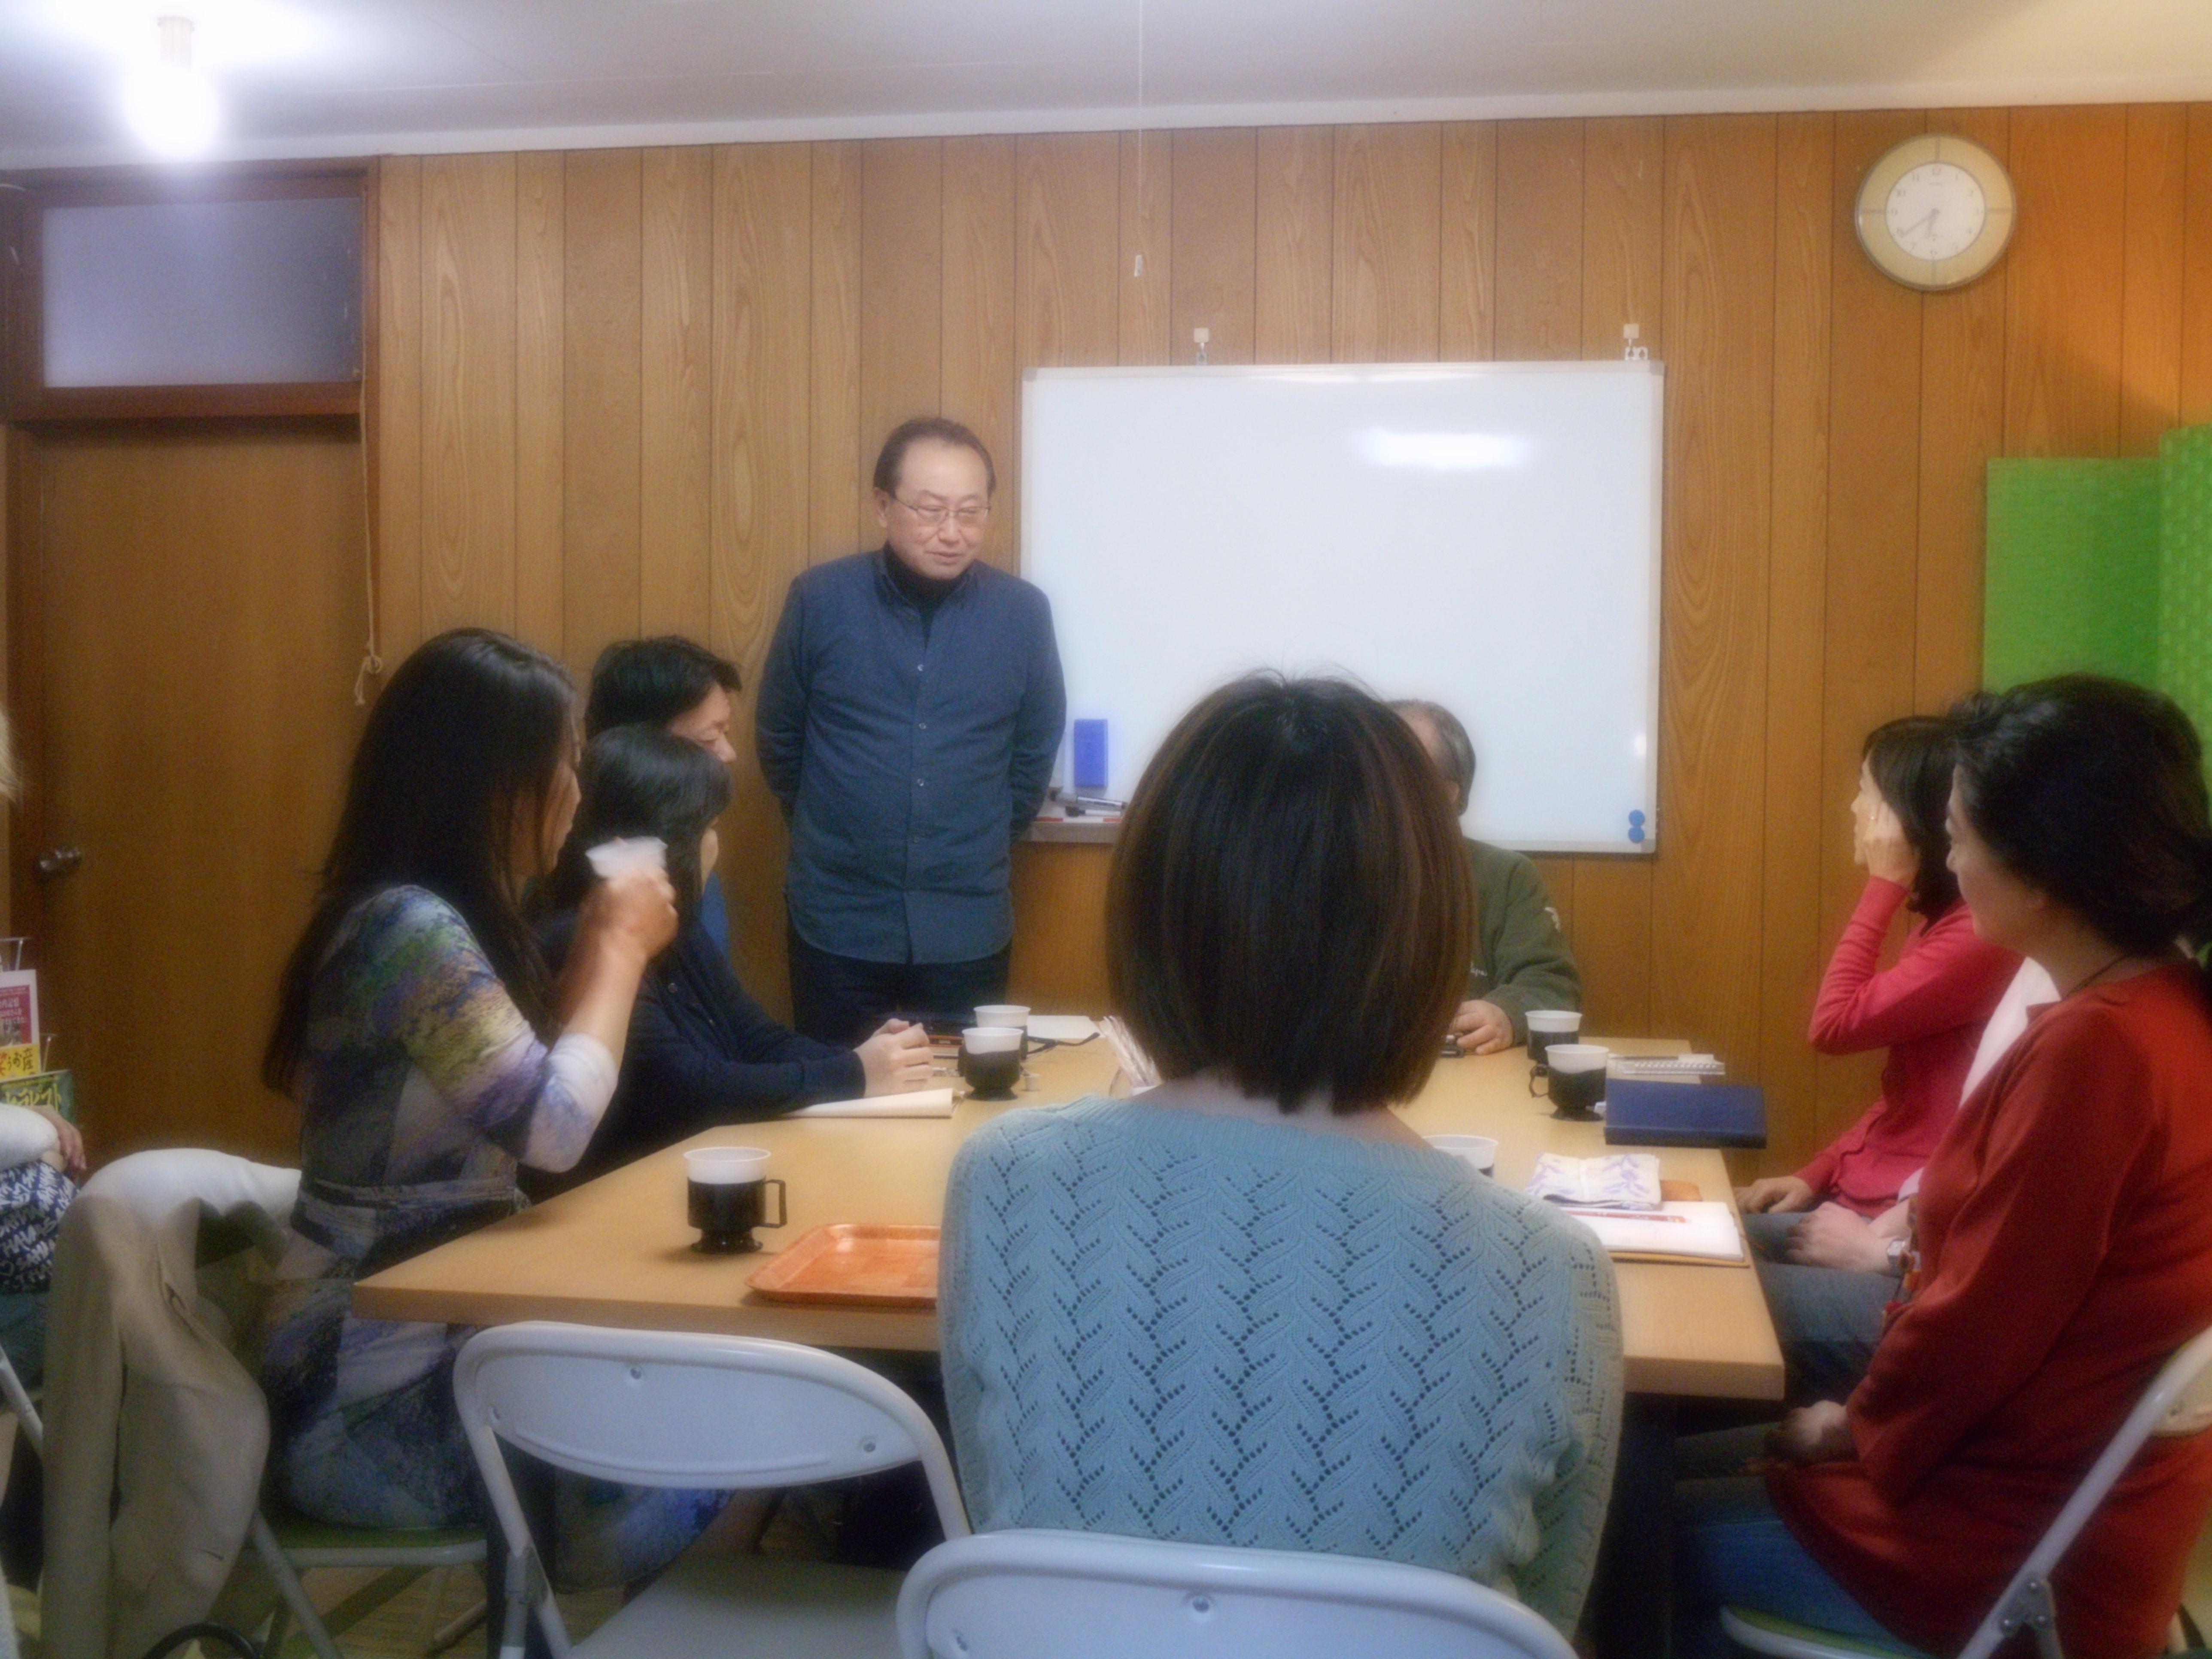 DSCN0955 - 愛の子育て塾14期第4講座